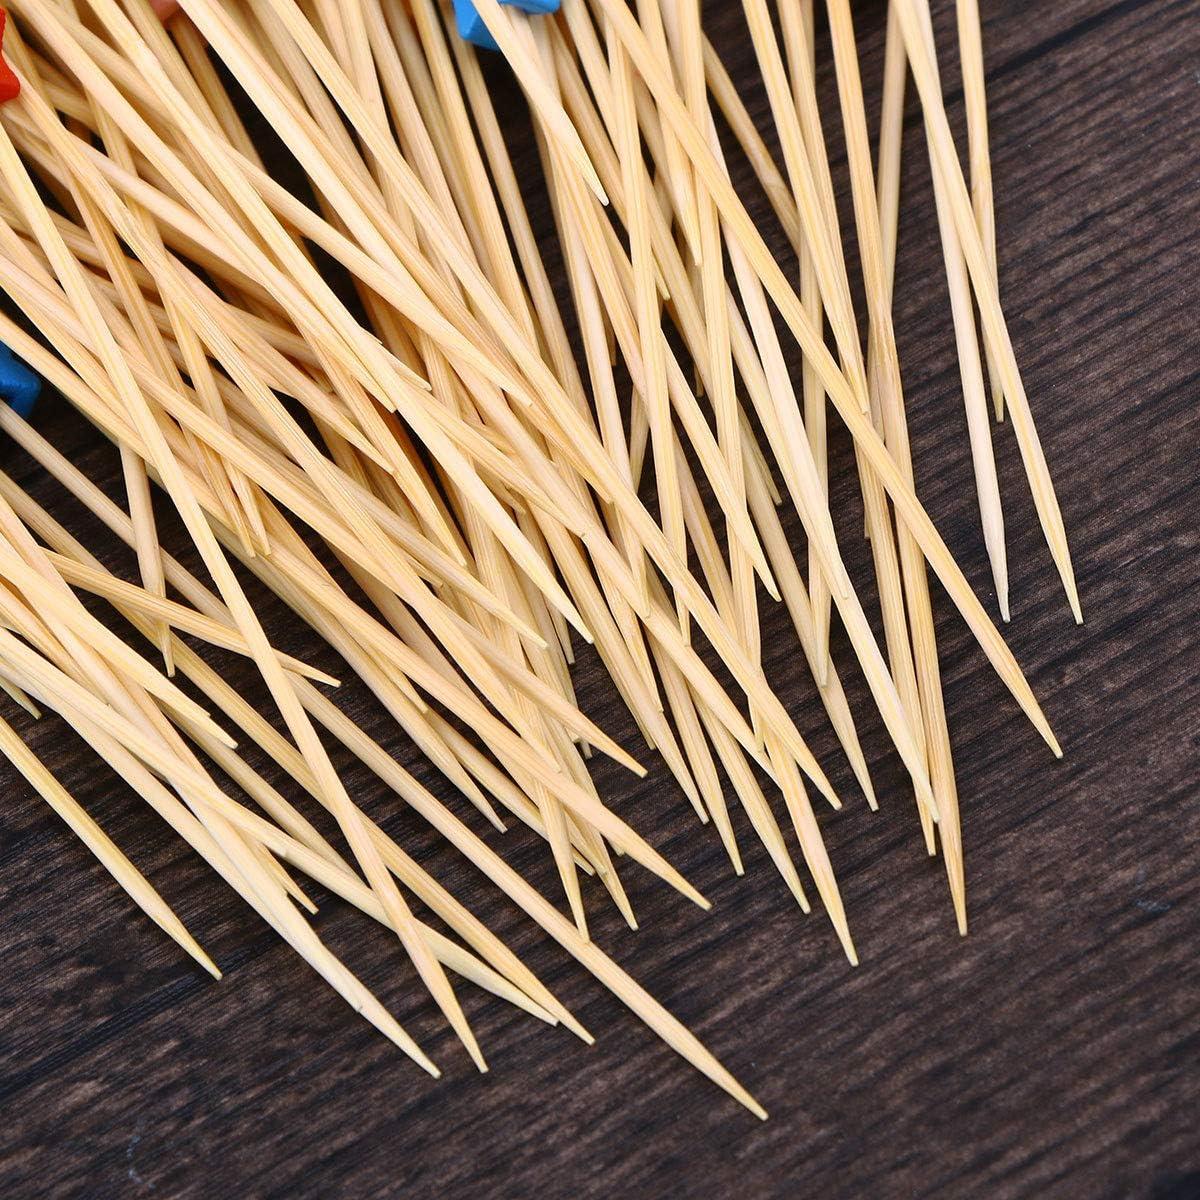 Couleur m/élang/ée BESTonZON 200pcs /étoiles Cocktail perl/é Pics Cure-Dents Fruits en Bambou jetables Sandwiches ap/éritif b/âtons de Cocktail Parti fournitures12cm